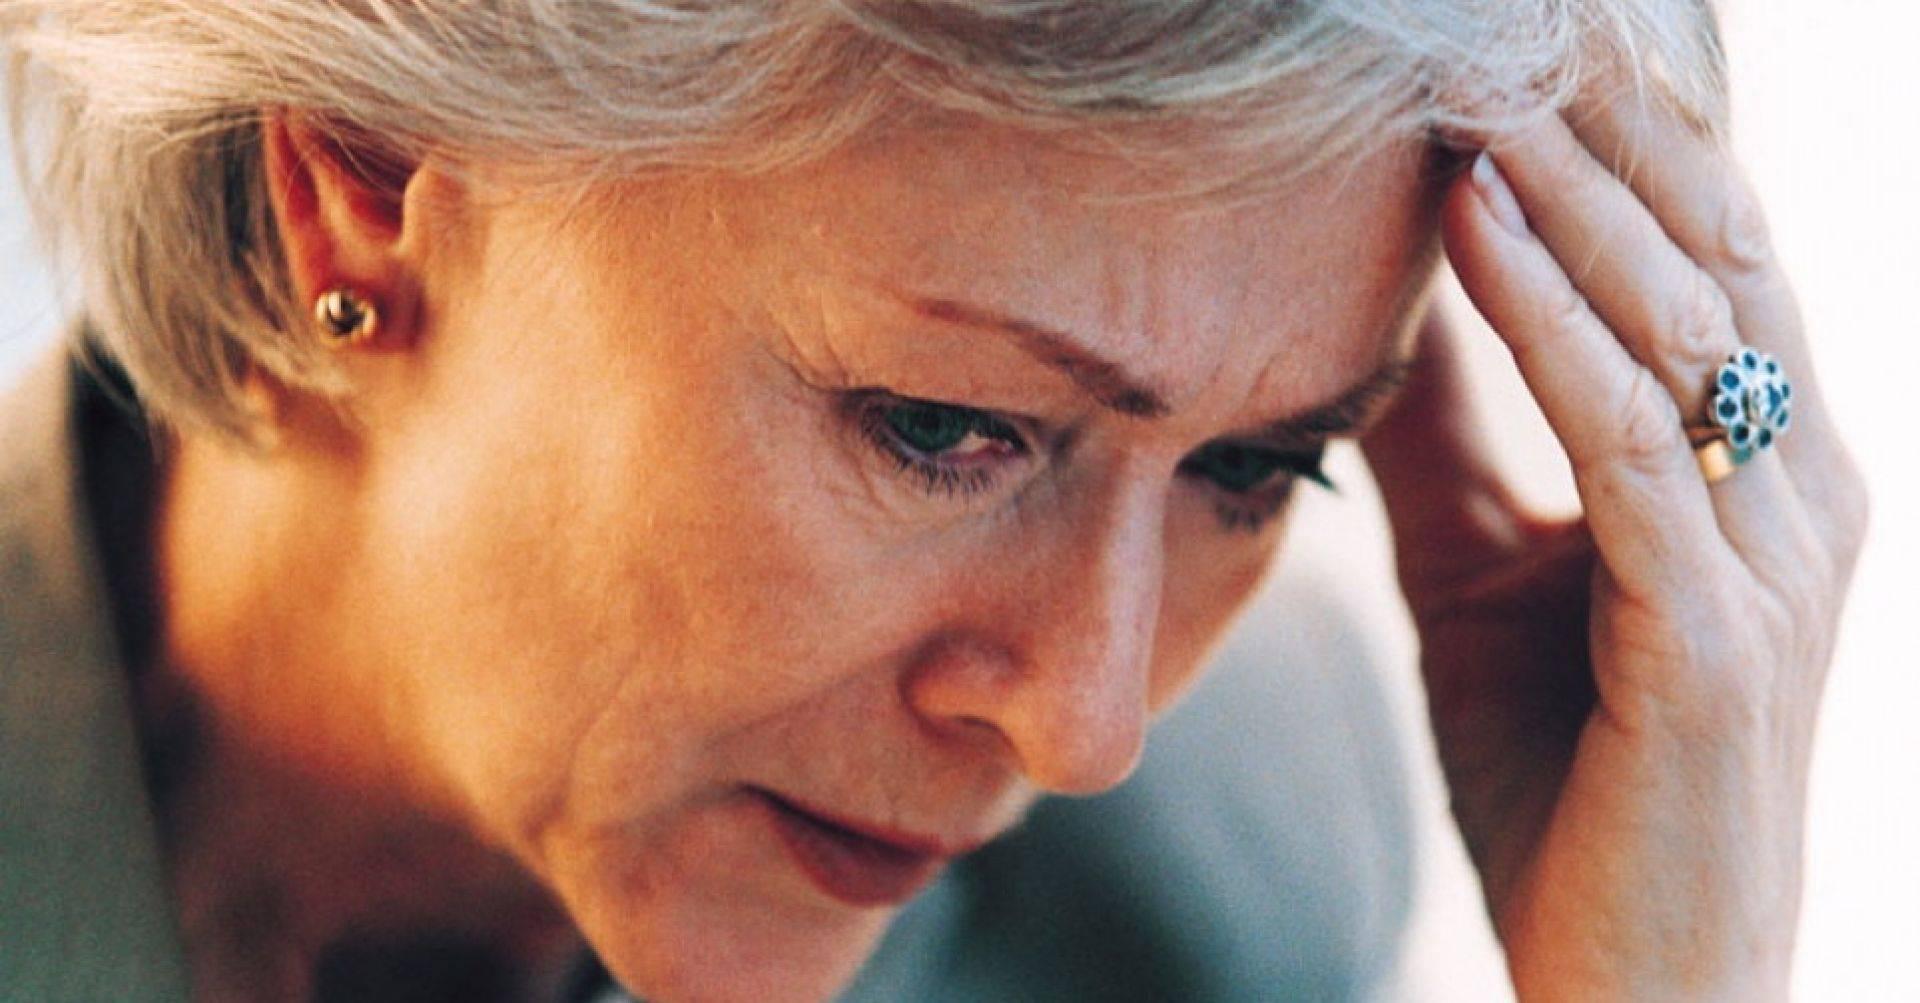 Άνοια και Νόσος Αλτσχάιμερ: Πότε πρέπει να απευθυνθείτε σε ειδικό ...